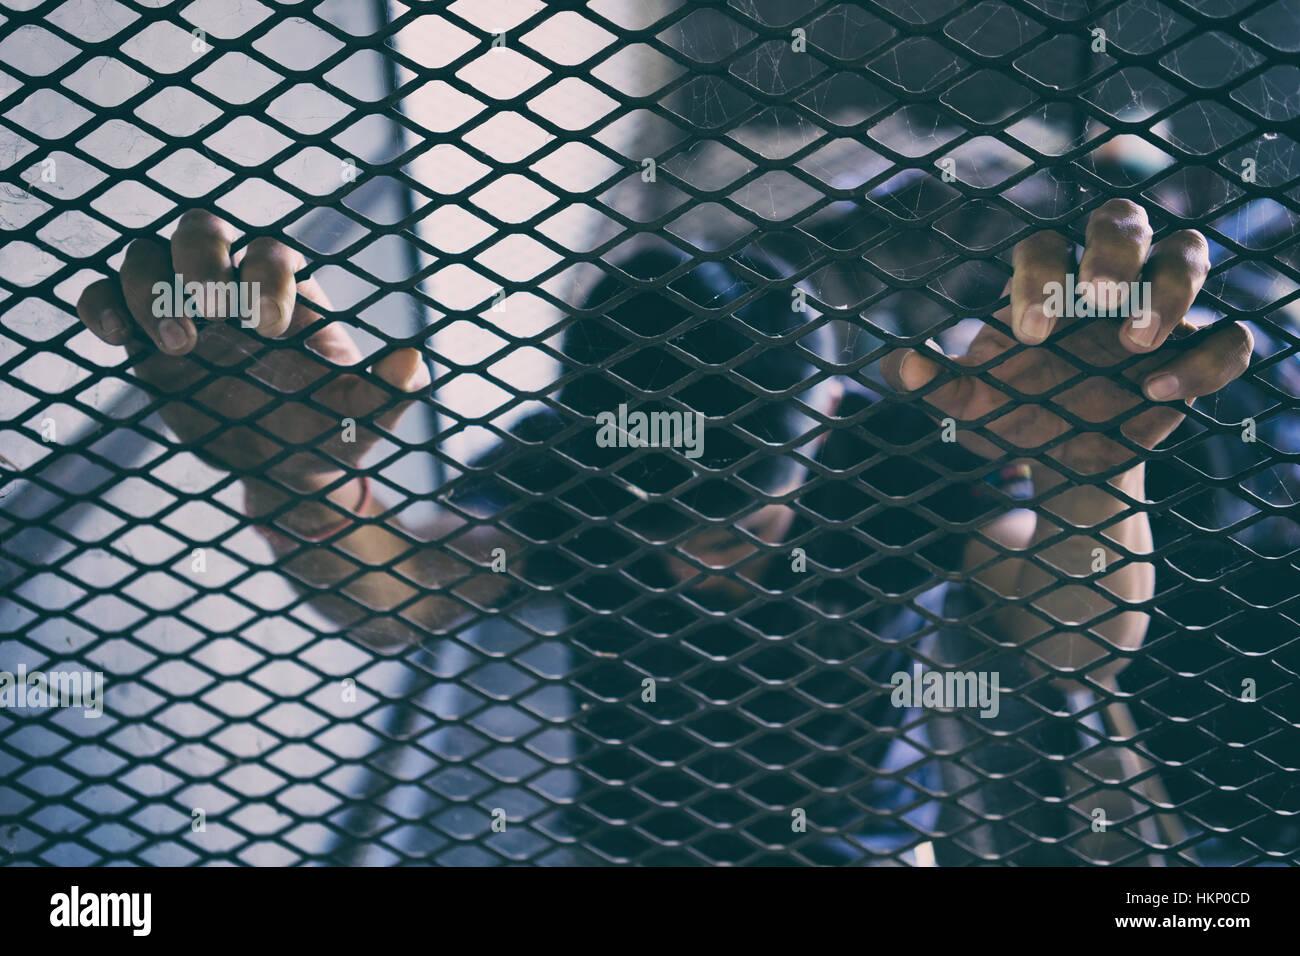 Human Trafficking Stock Photos Amp Human Trafficking Stock